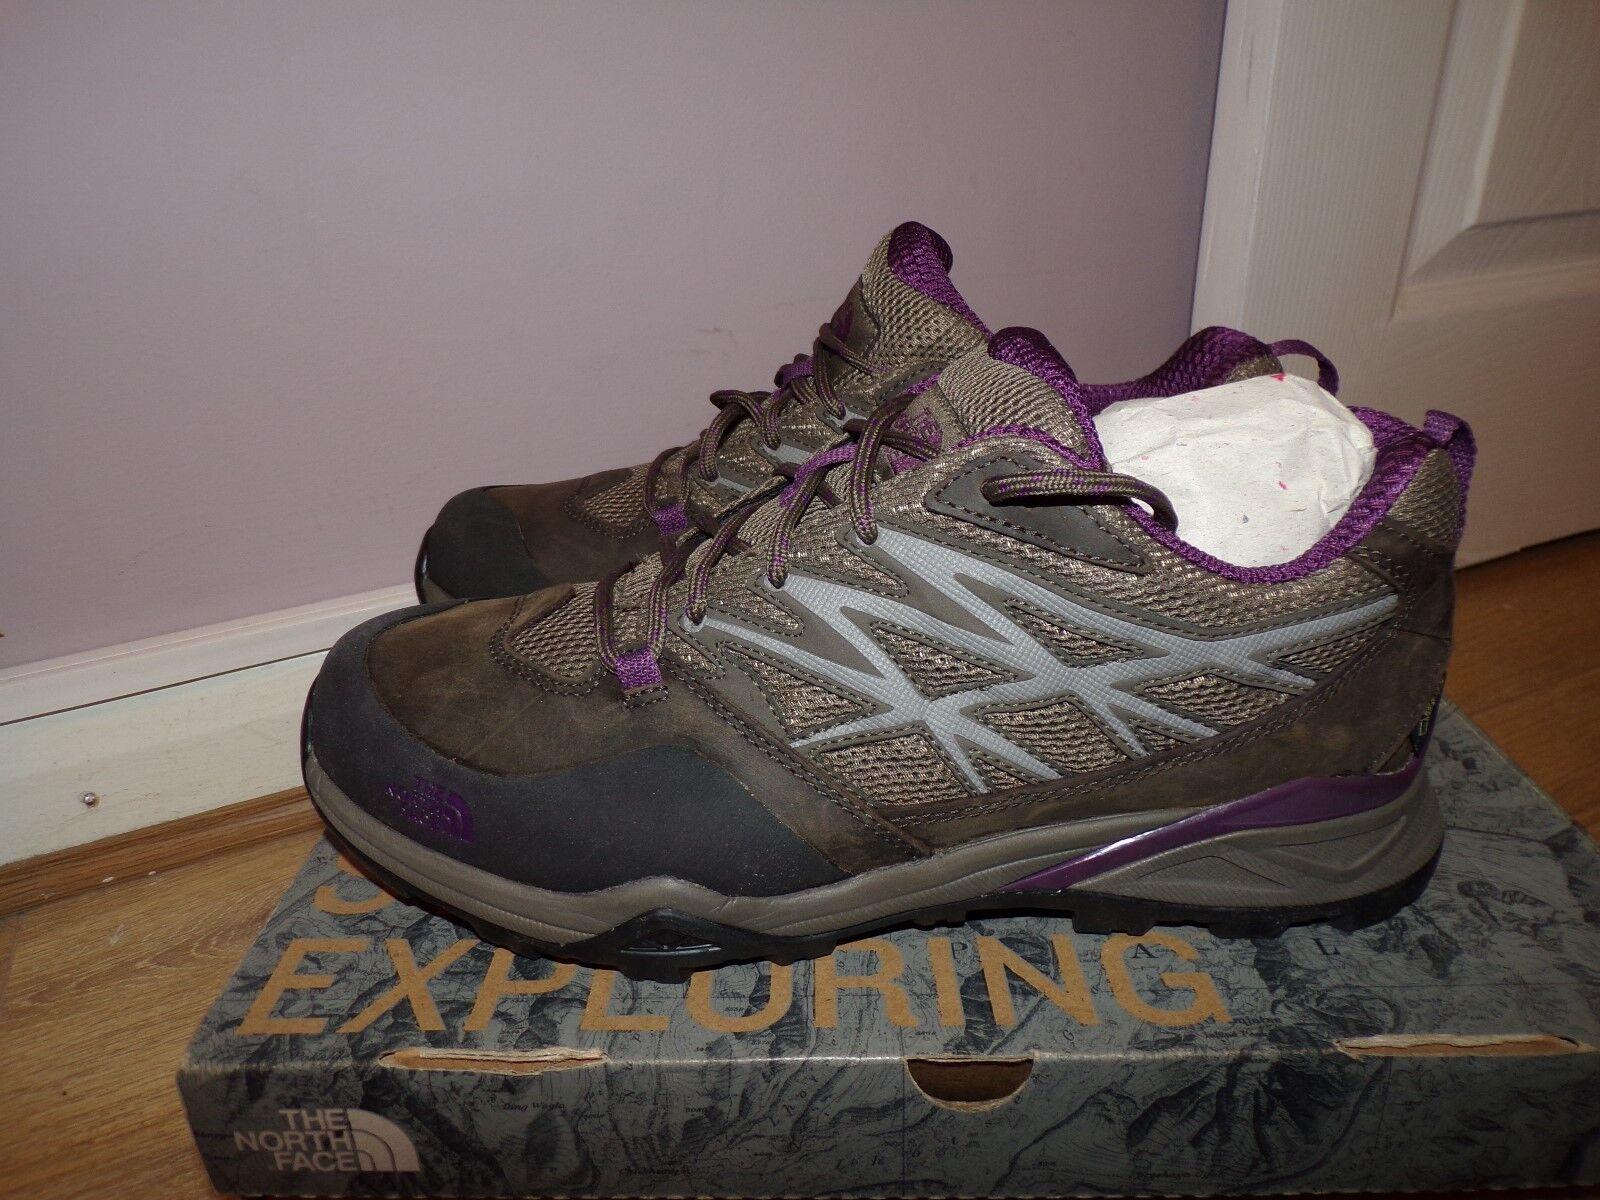 BNWT Damas Diseñador The North Face  GTX caminata Gortex Zapatos 8  .00  compras de moda online